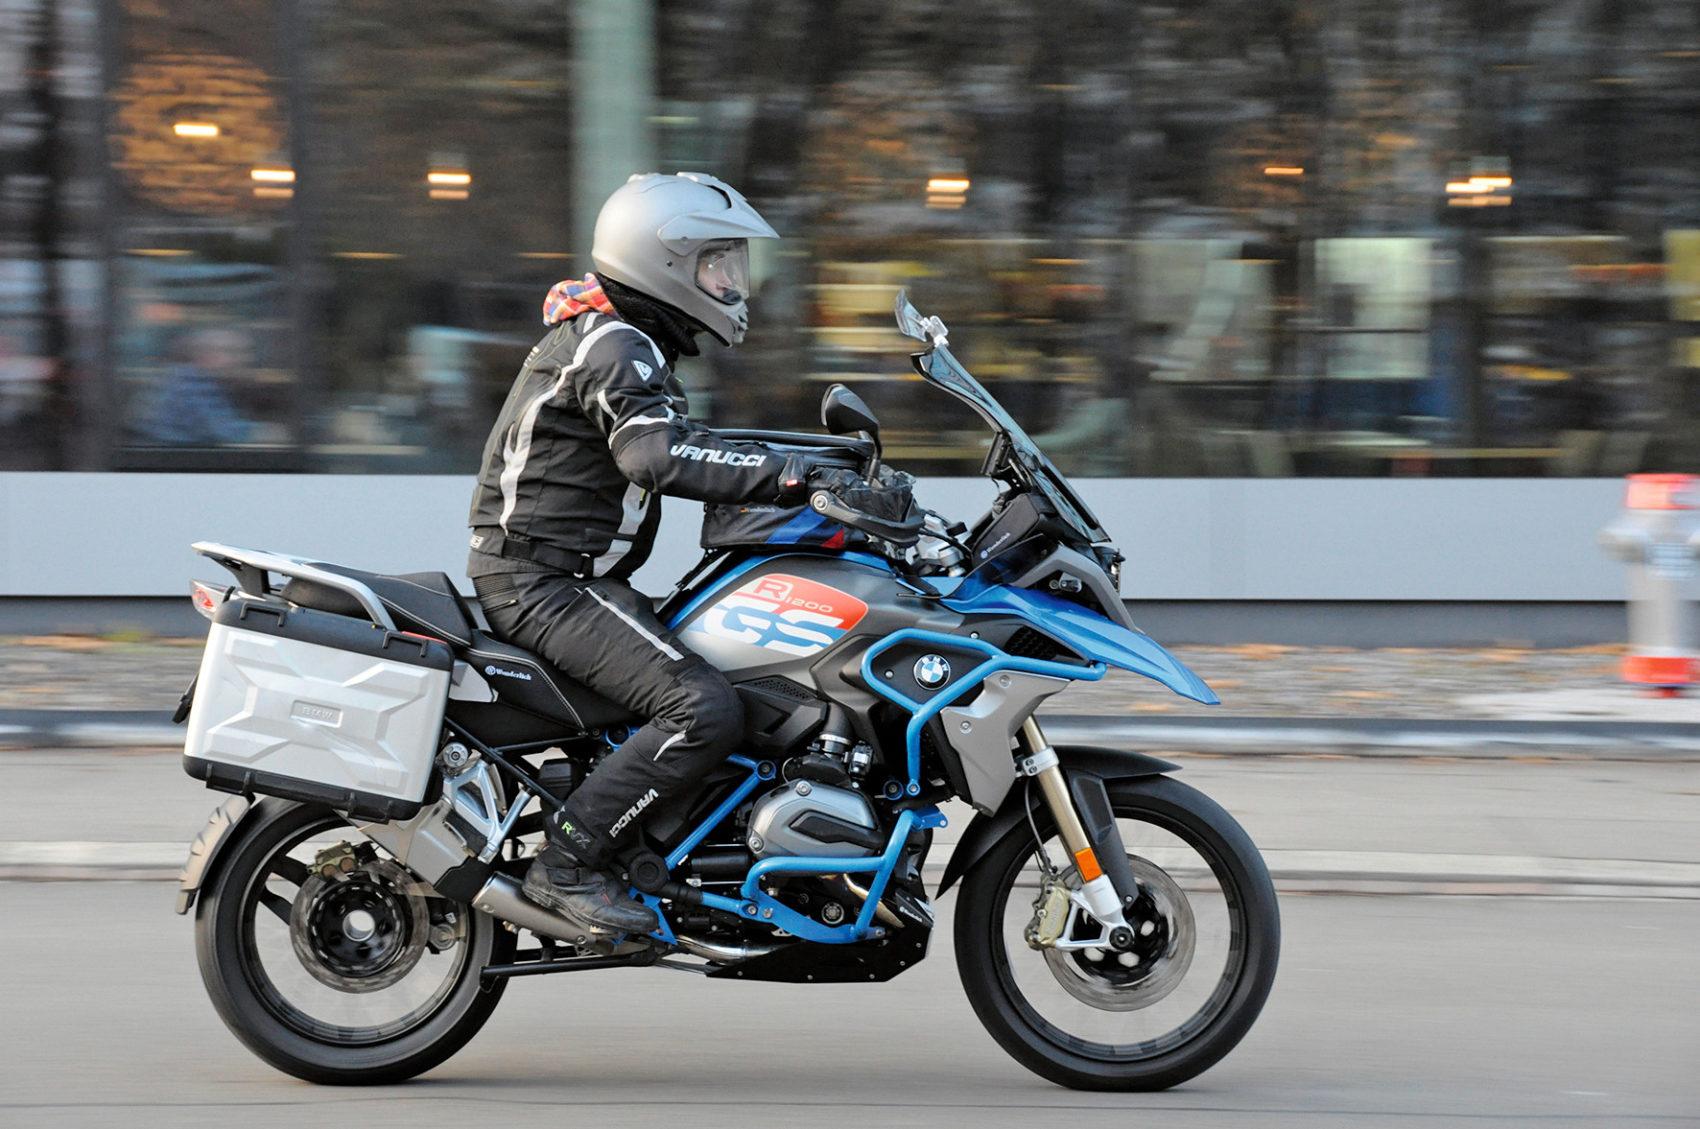 Wunderlich-Zubehör für die BMW R 1200 GS - TÖFF-MAGAZIN